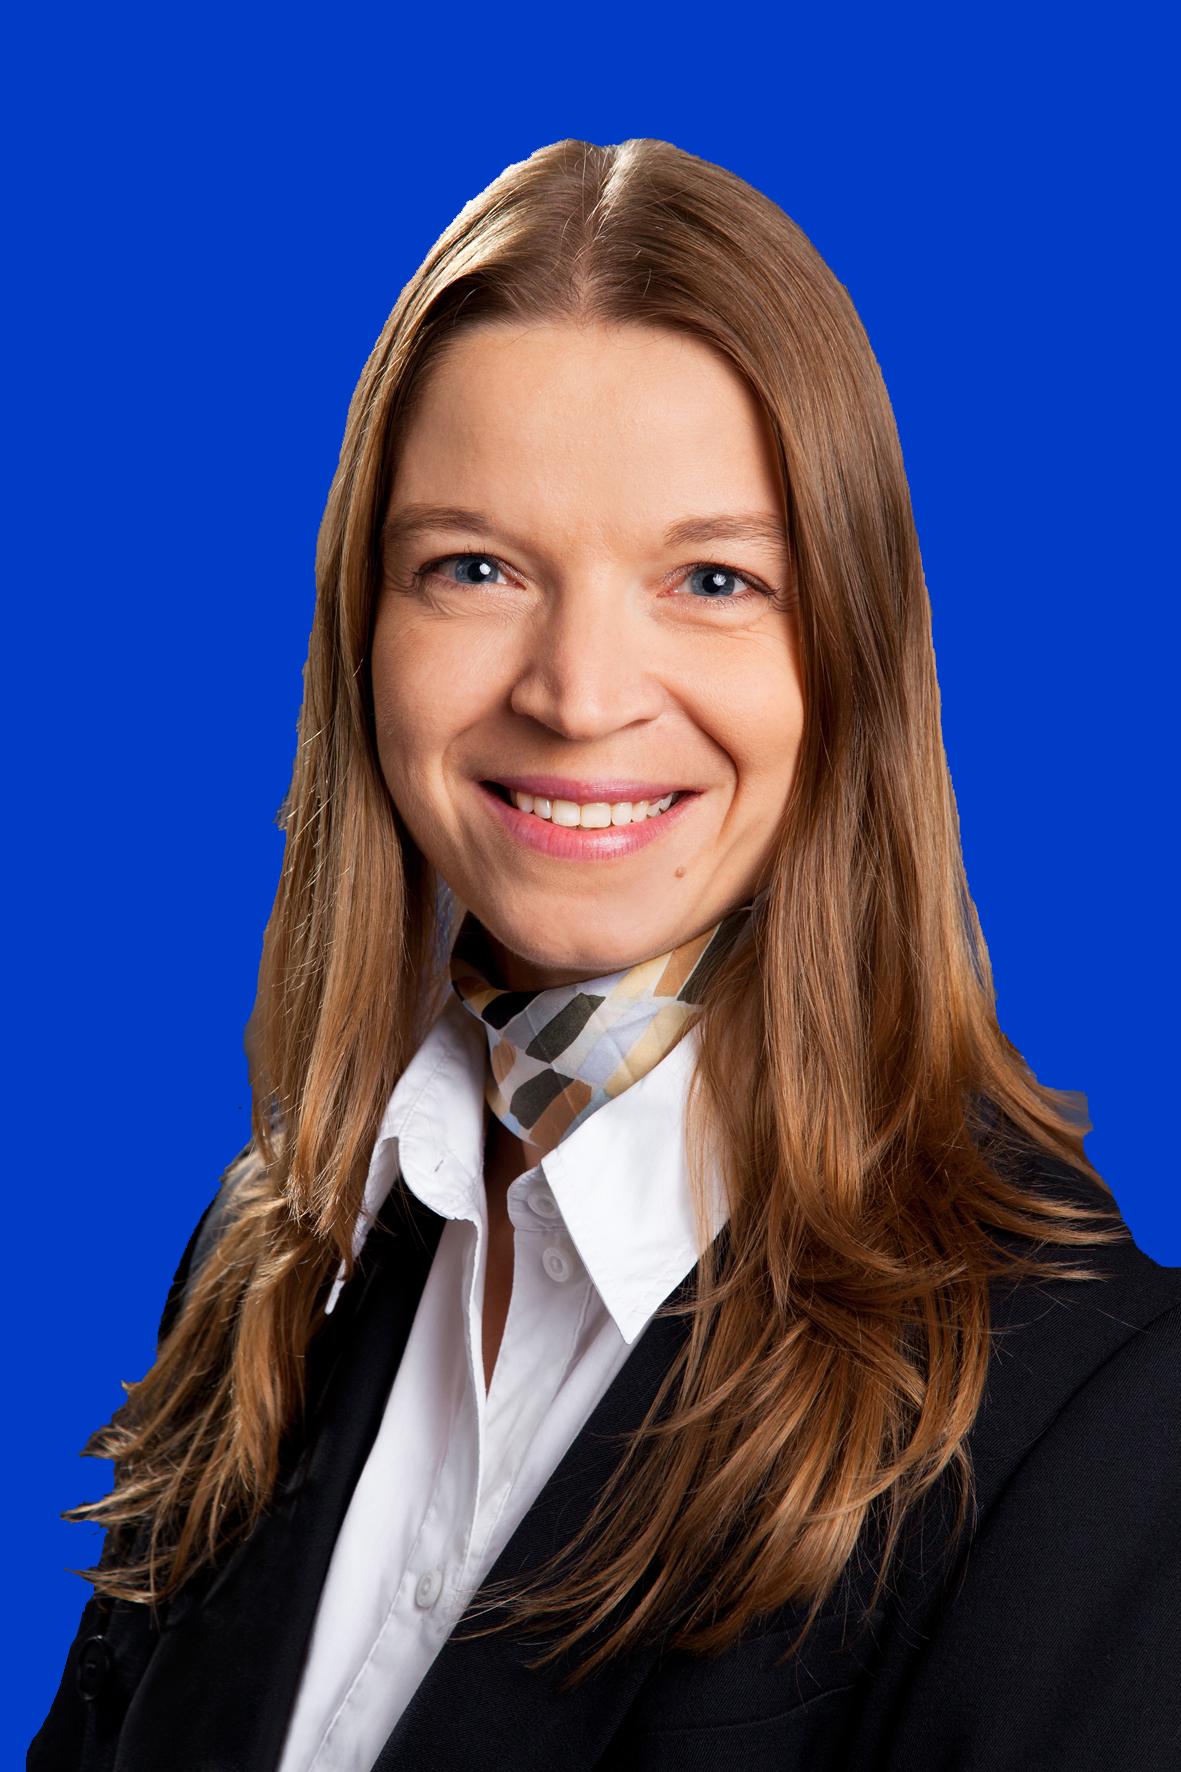 Melanie Hertle